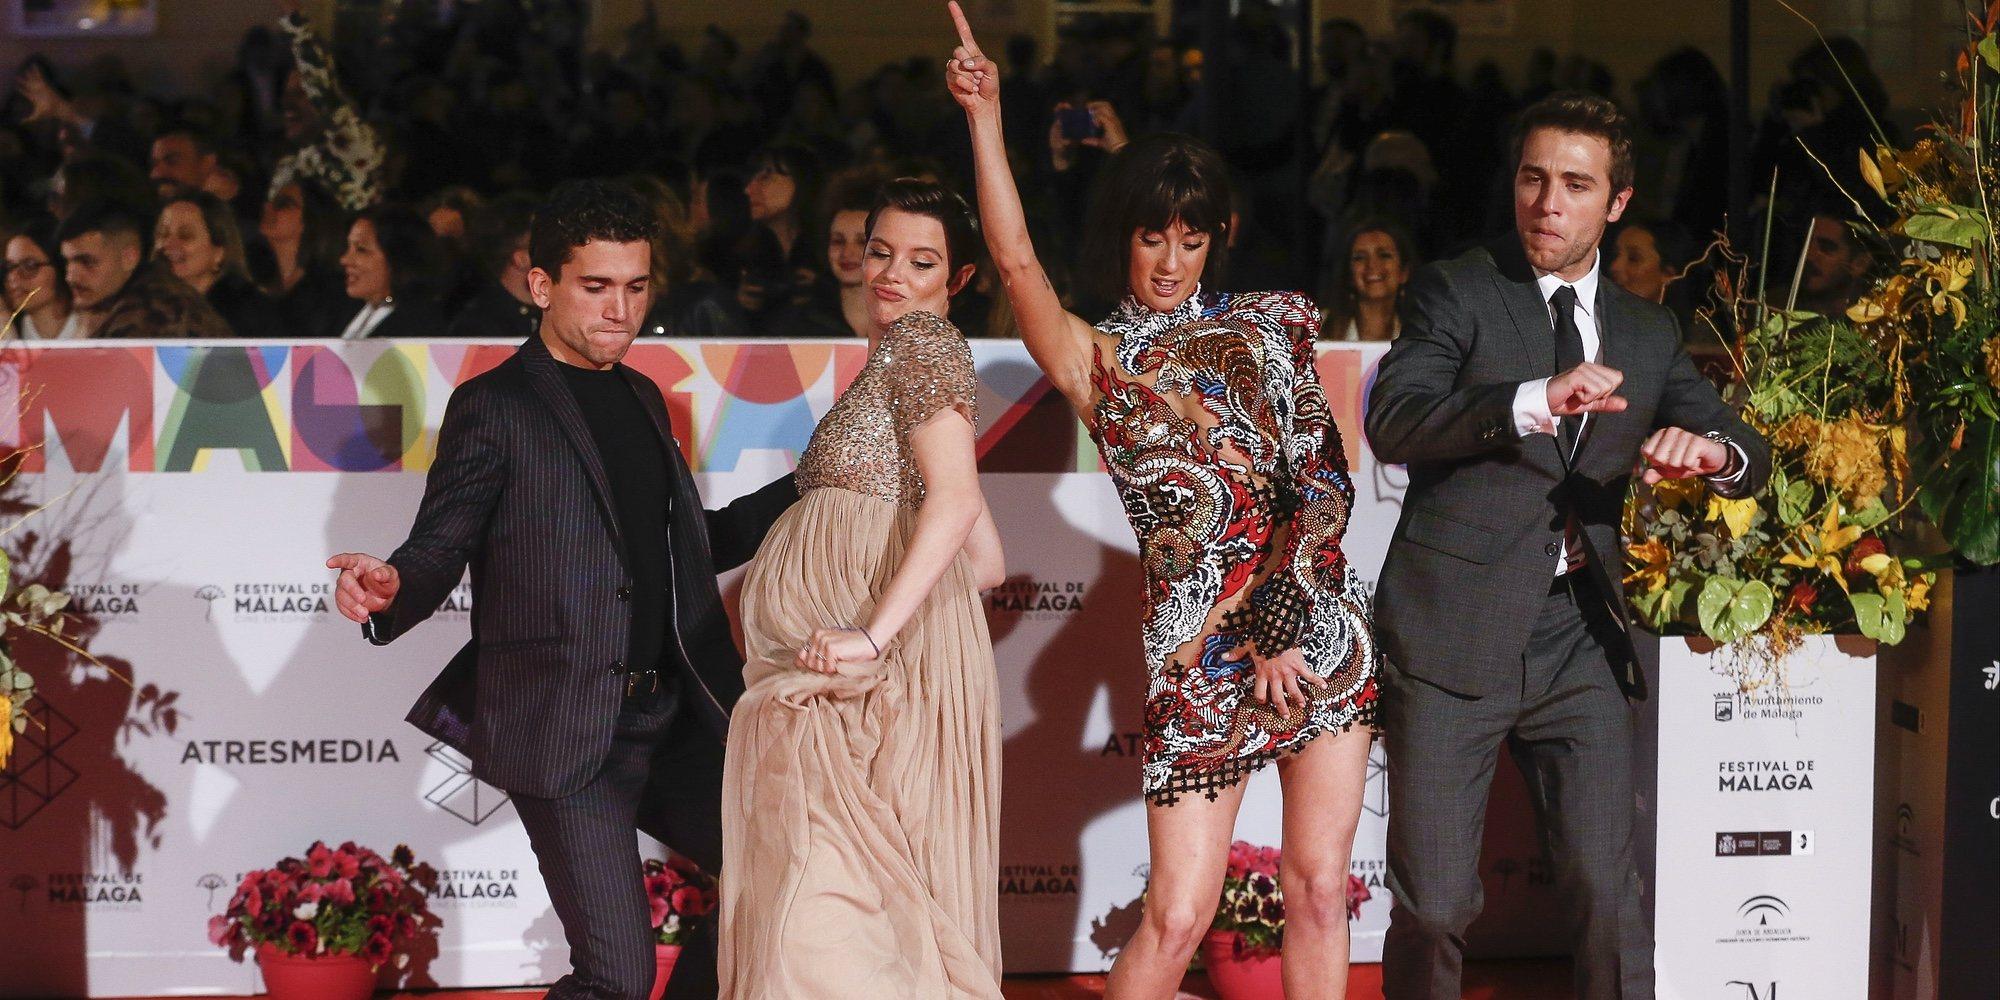 Jaime Lorente y María Pedraza, juntos pero no revueltos en el Festival de Málaga 2019